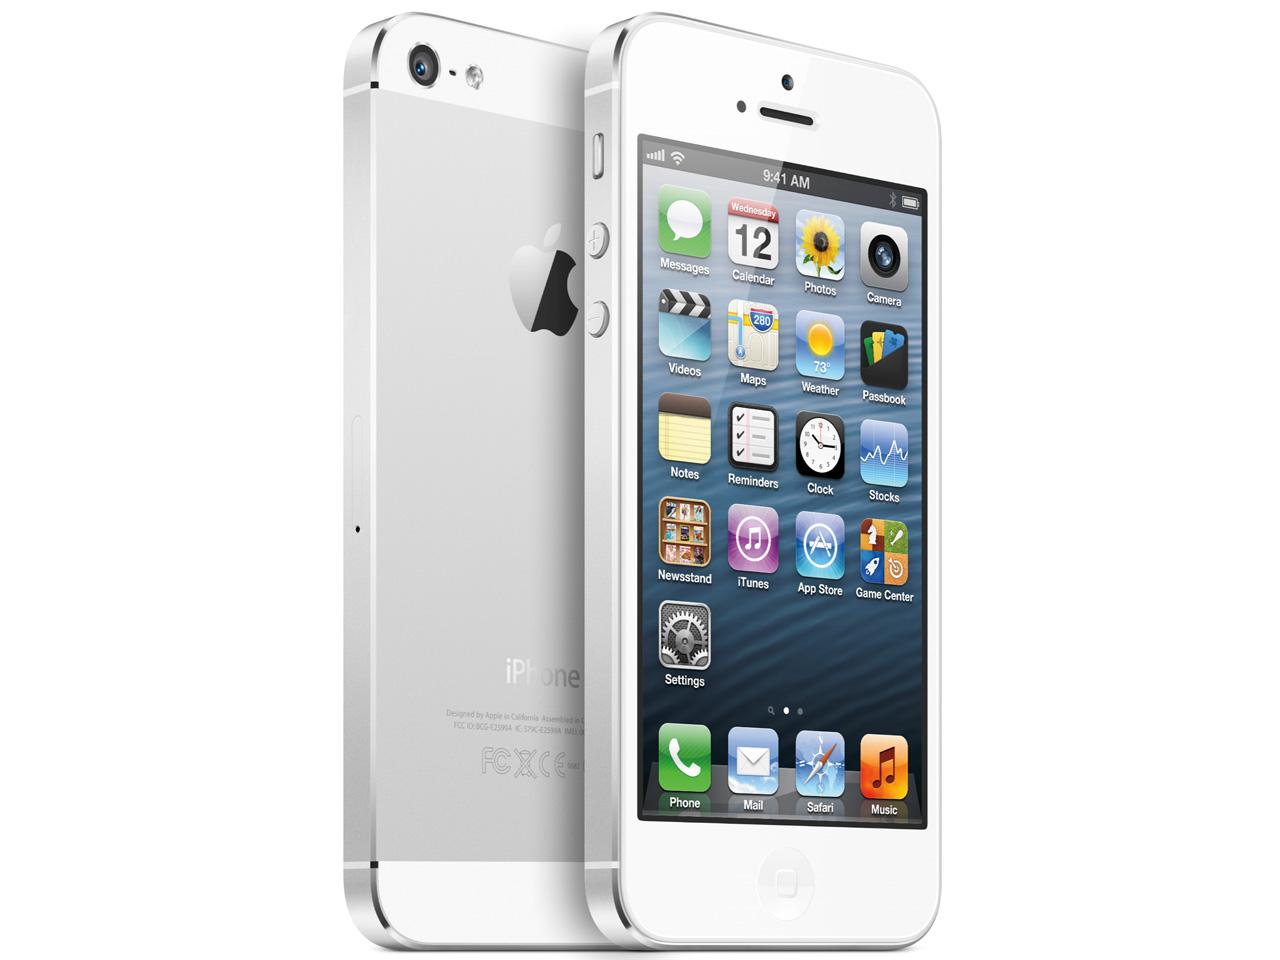 iPhone 5 64GB SoftBank [ホワイト&シルバー] の製品画像